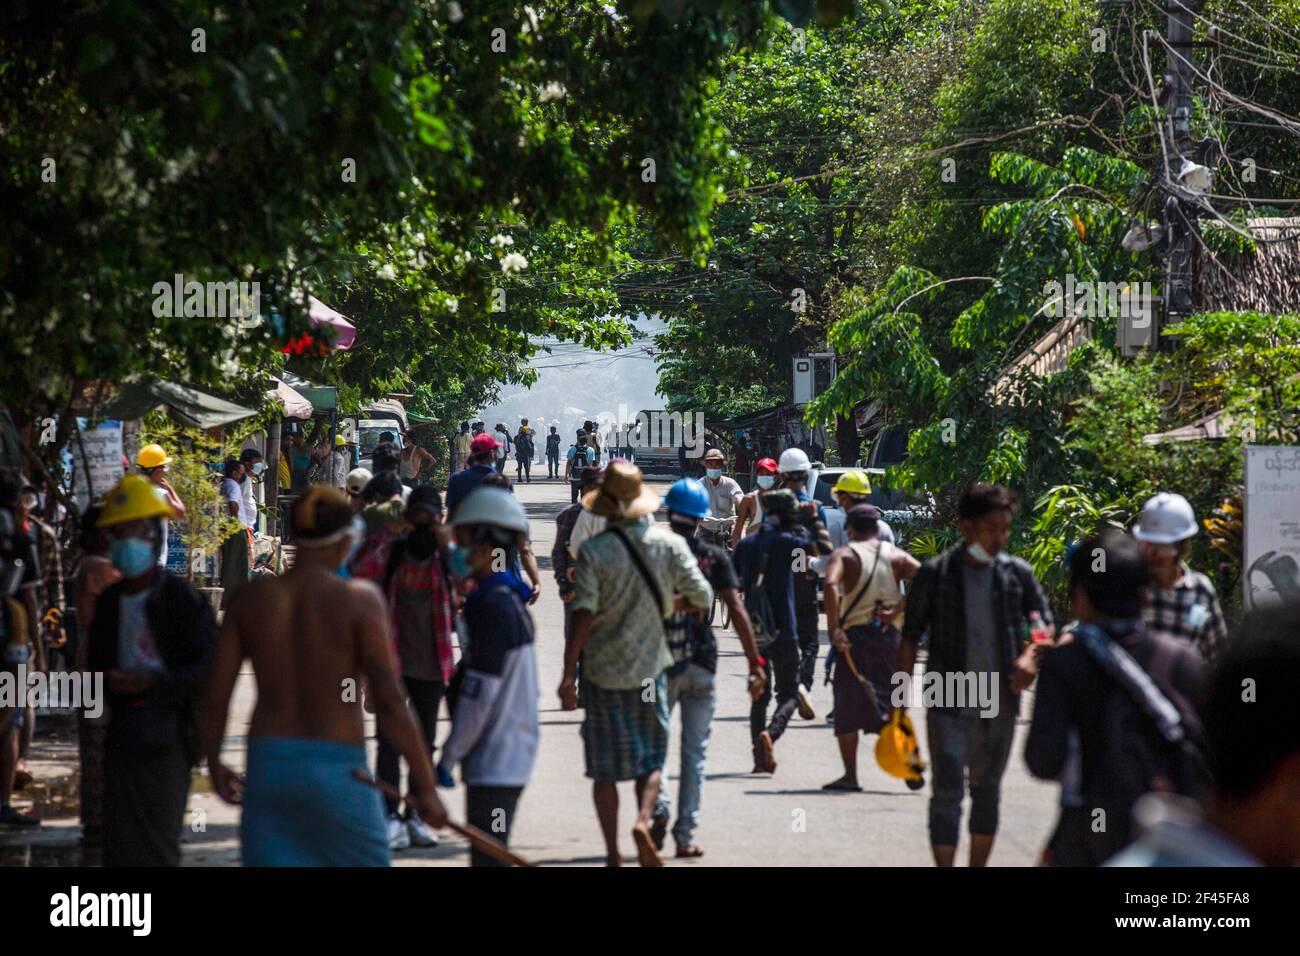 Los manifestantes contra el golpe militar caminan hacia las barricadas improvisadas al final de la calle durante una manifestación contra el golpe militar.la policía y los soldados militares de Myanmar (tatmadow) atacaron a los manifestantes con balas de goma, municiones vivas, gas lacrimógeno y bombas de aturdimiento en respuesta a los manifestantes contra el golpe militar el viernes, matando a varios manifestantes e hirió a muchos otros. Al menos 149 personas han sido asesinadas en Myanmar desde el golpe de Estado del 1 de febrero, dijo un funcionario de derechos humanos de la ONU. El ejército de Myanmar detuvo a la Consejera de Estado de Myanmar, Aung San Suu Kyi, el 01 de febrero de 2021, y declaró a la Sra. Foto de stock